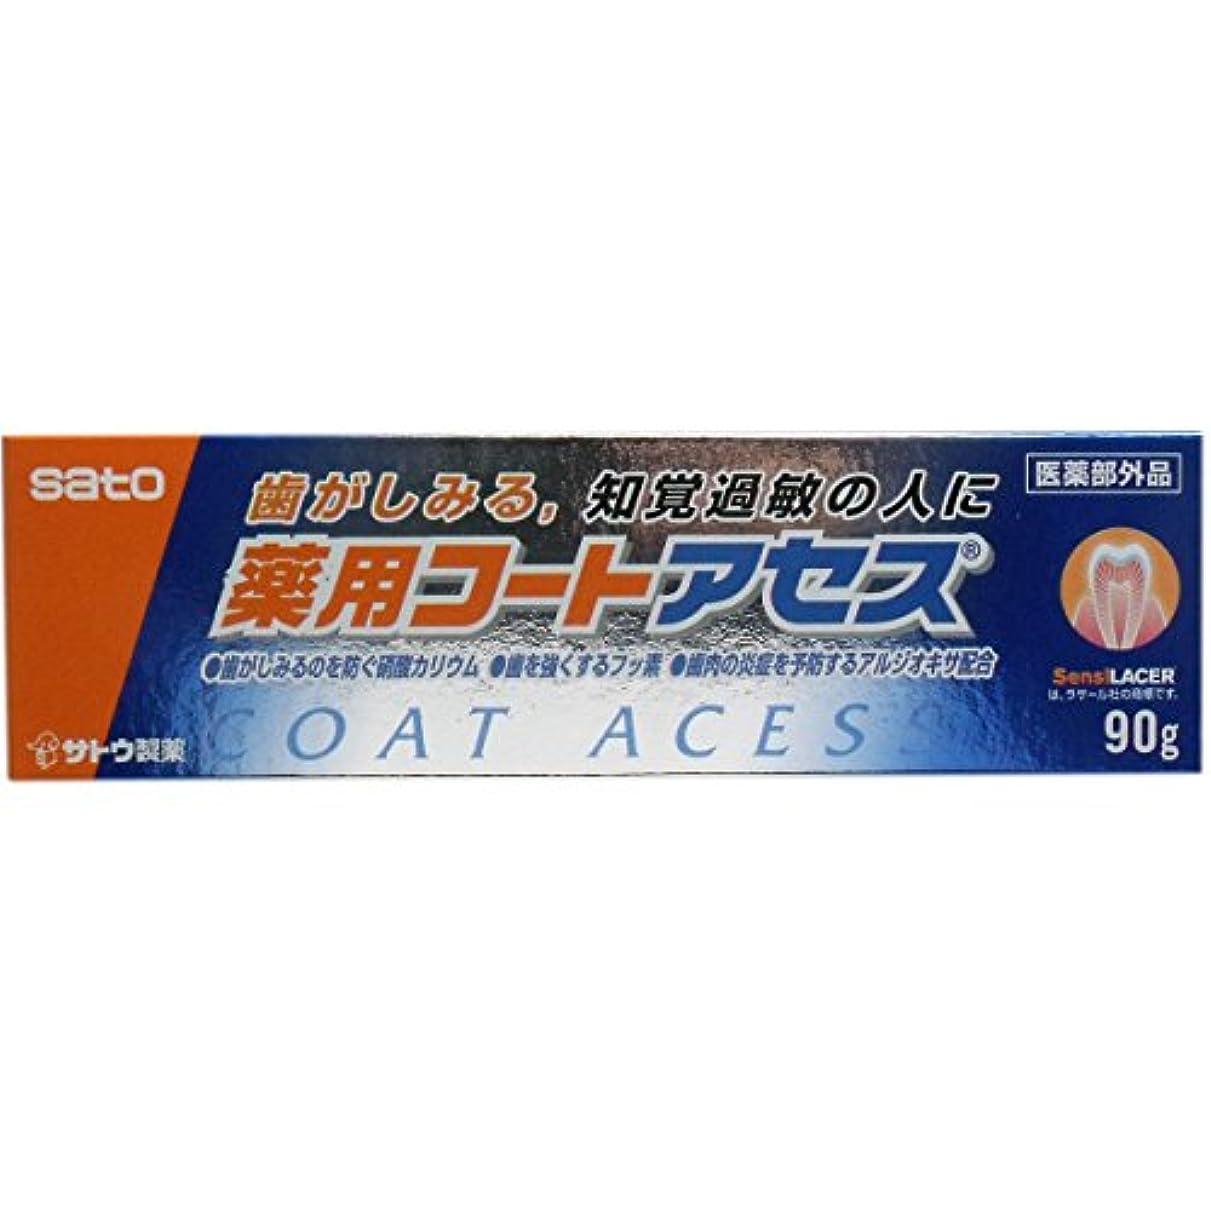 練るワゴン刺激する薬用コートアセス 90g×(10セット)